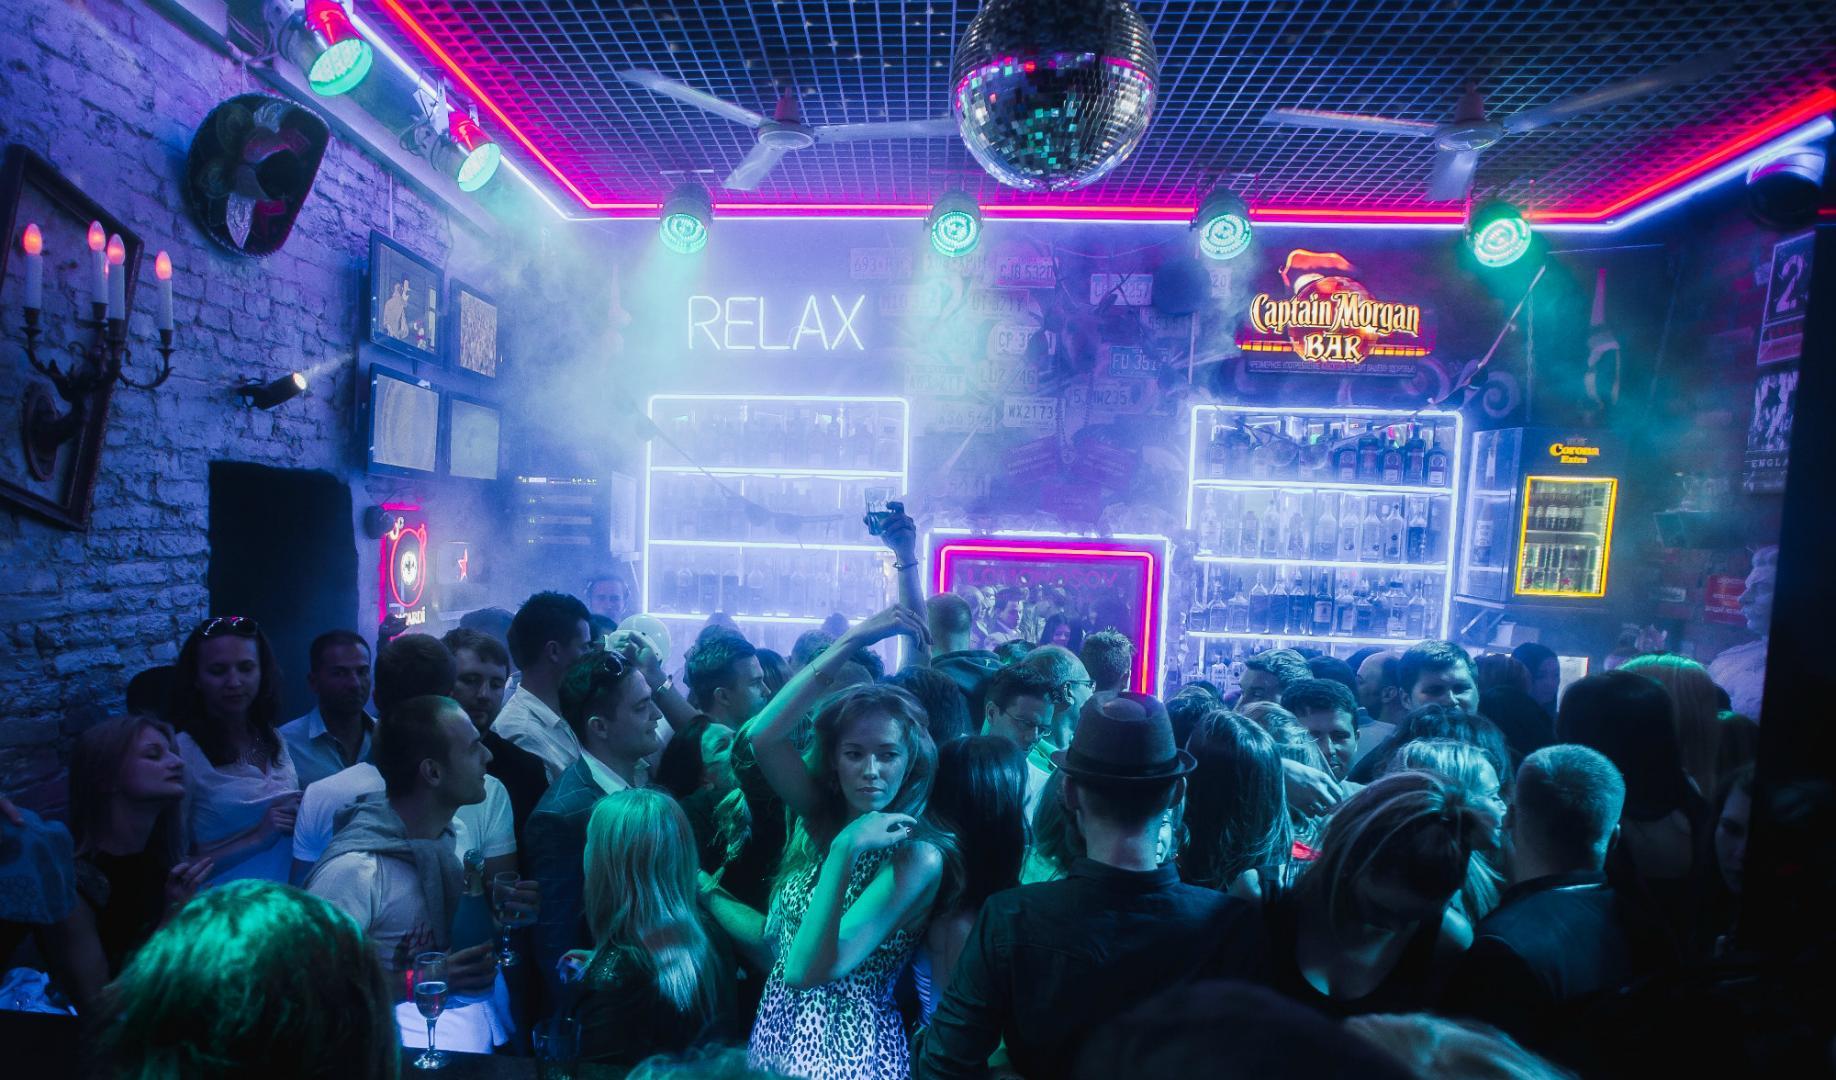 Ночном клубе спб город брянск ночные клубы